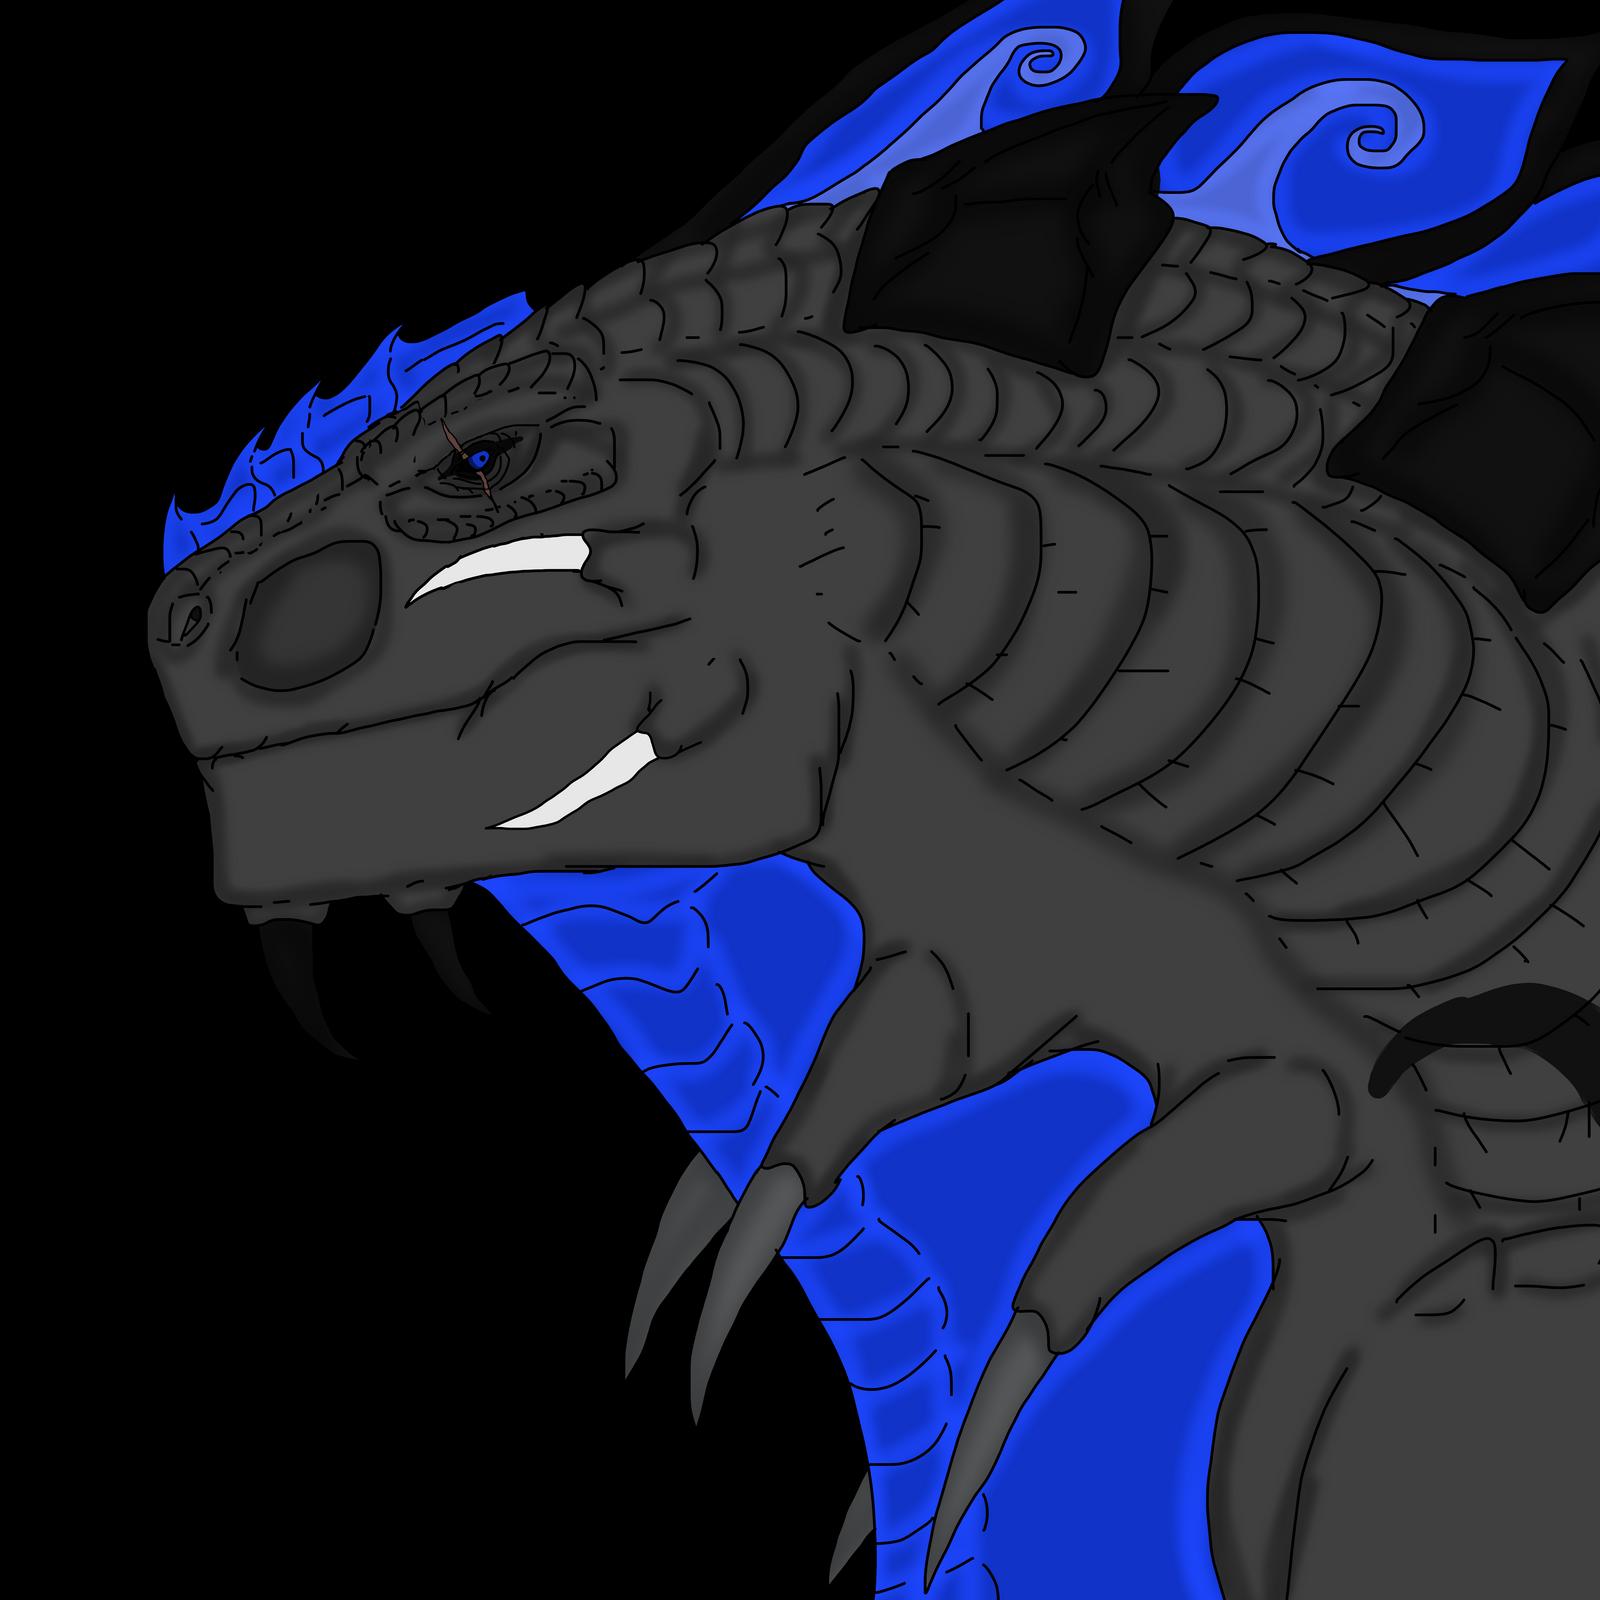 Bluezilla The Soul Kaiju by Redspets